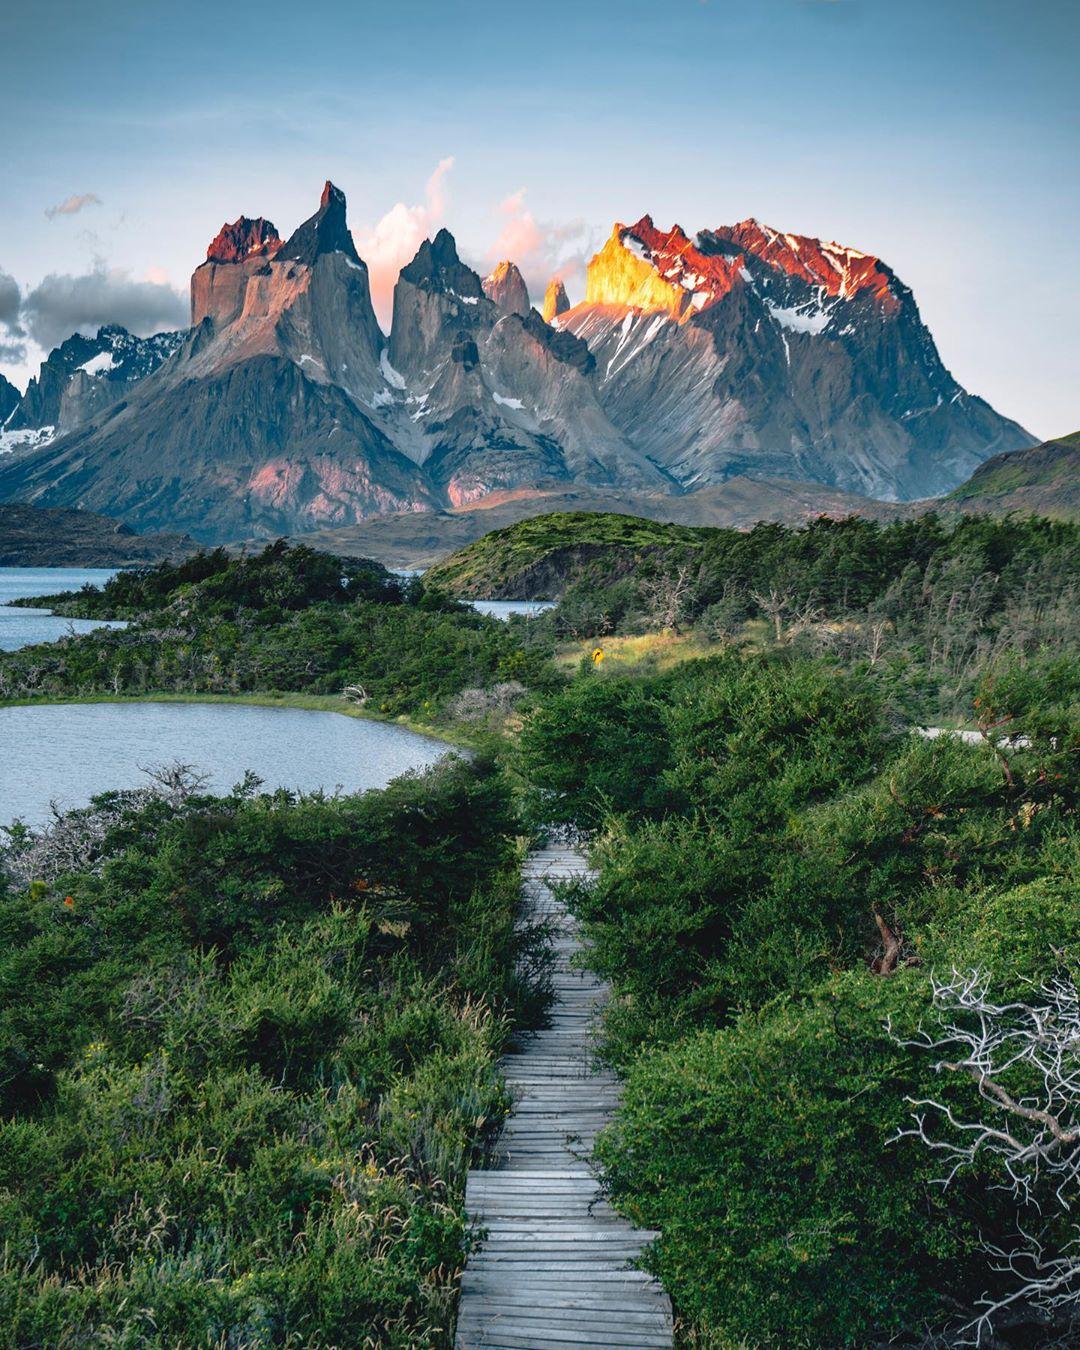 Красивые фотографии из путешествий Саймона Тимберса